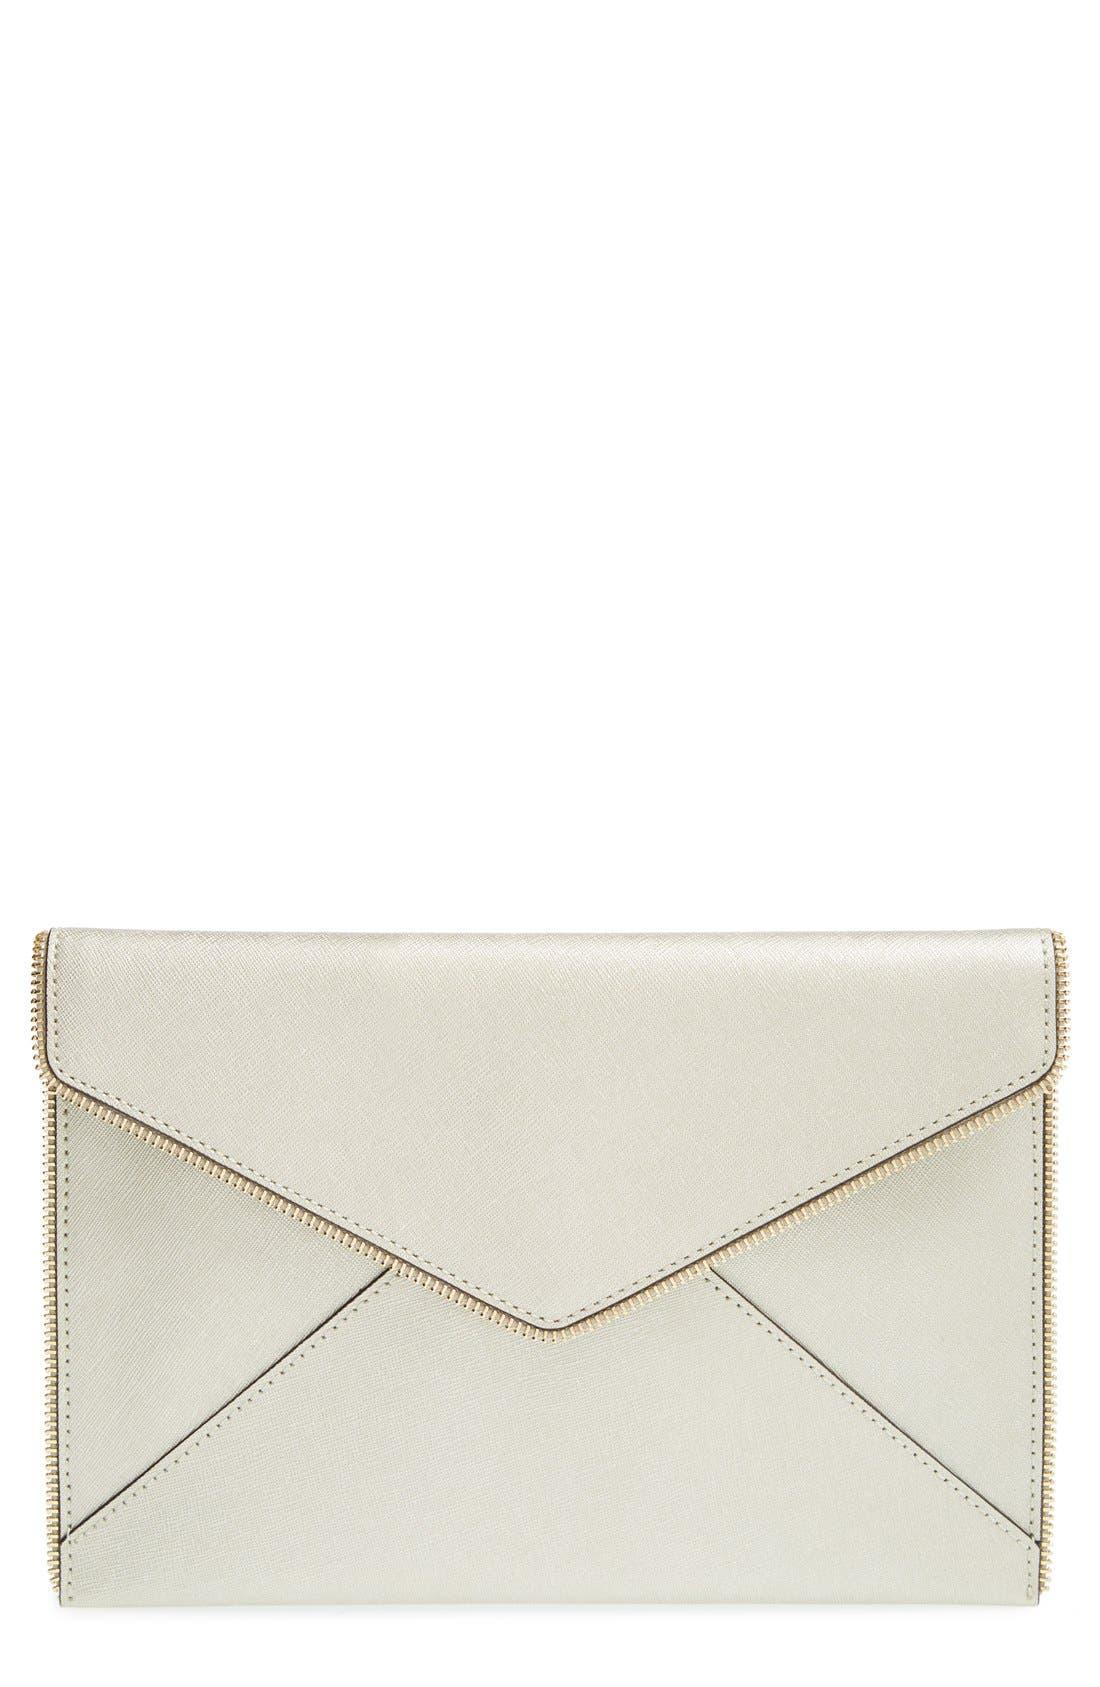 Main Image - Rebecca Minkoff 'Leo' Saffiano Leather Envelope Clutch